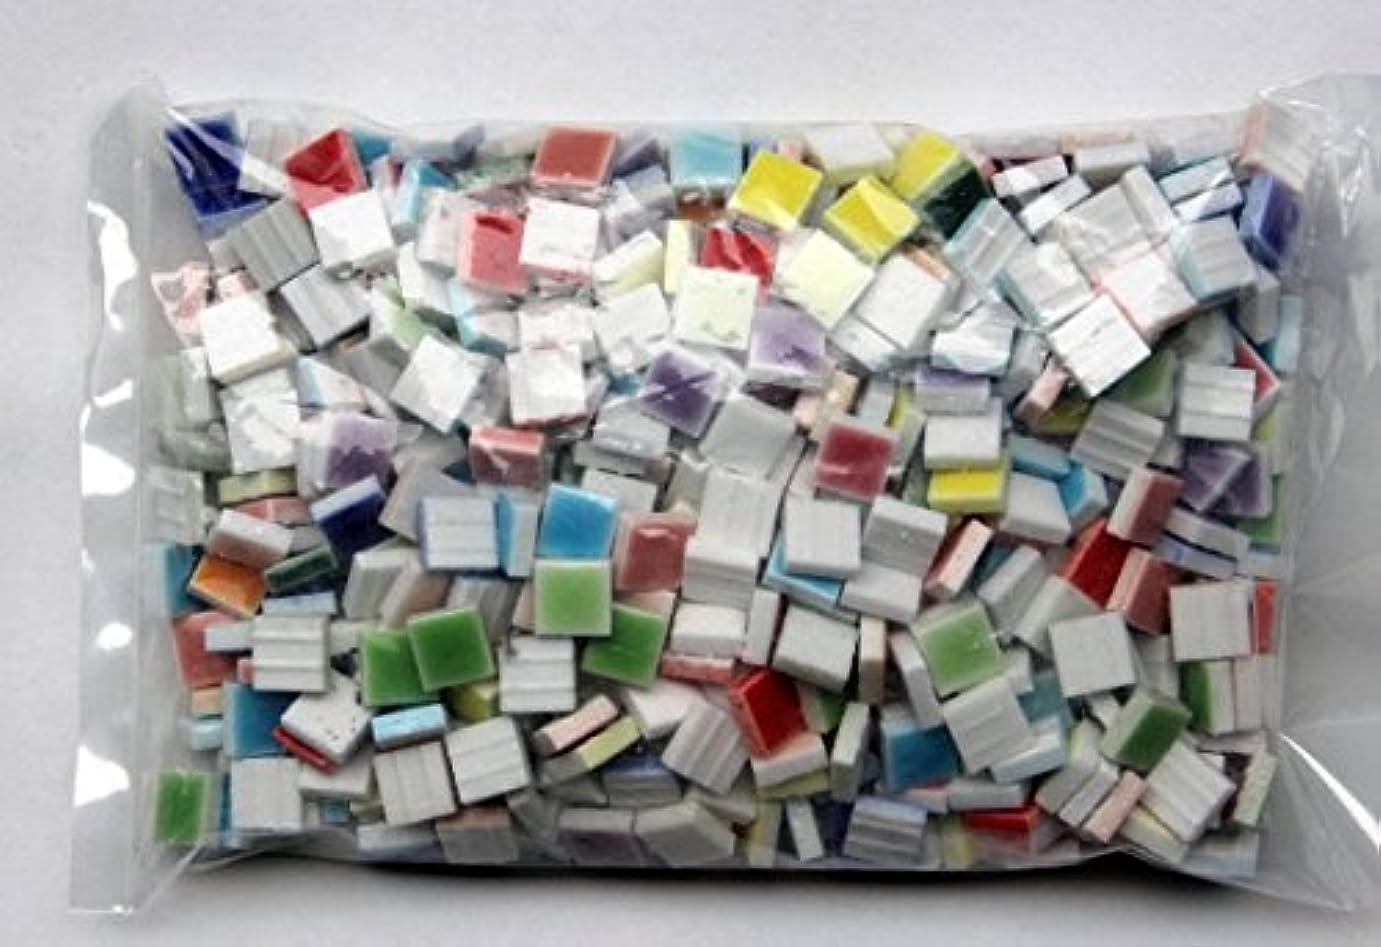 統治可能決して請願者ガラス タイル モザイク ばら 10mm角 9色 カラフル かわいい マルチカラー ミックス クラフト DIY ハンドメイド に (300g、約360個)